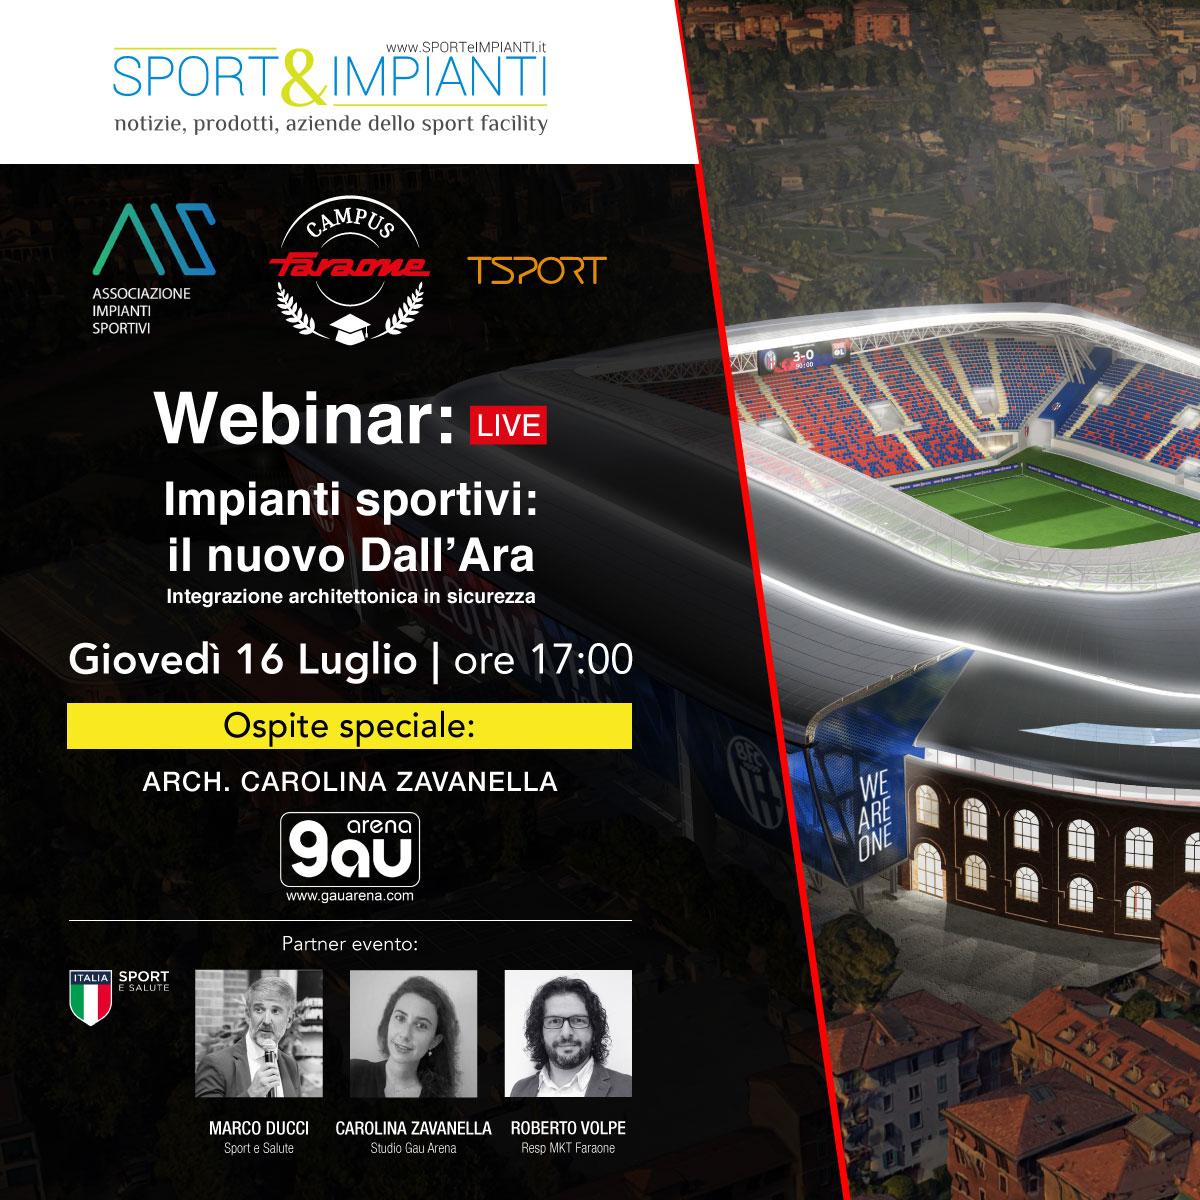 webinar il nuovo stadio dall'ara - faraone sporteimpianti AIS